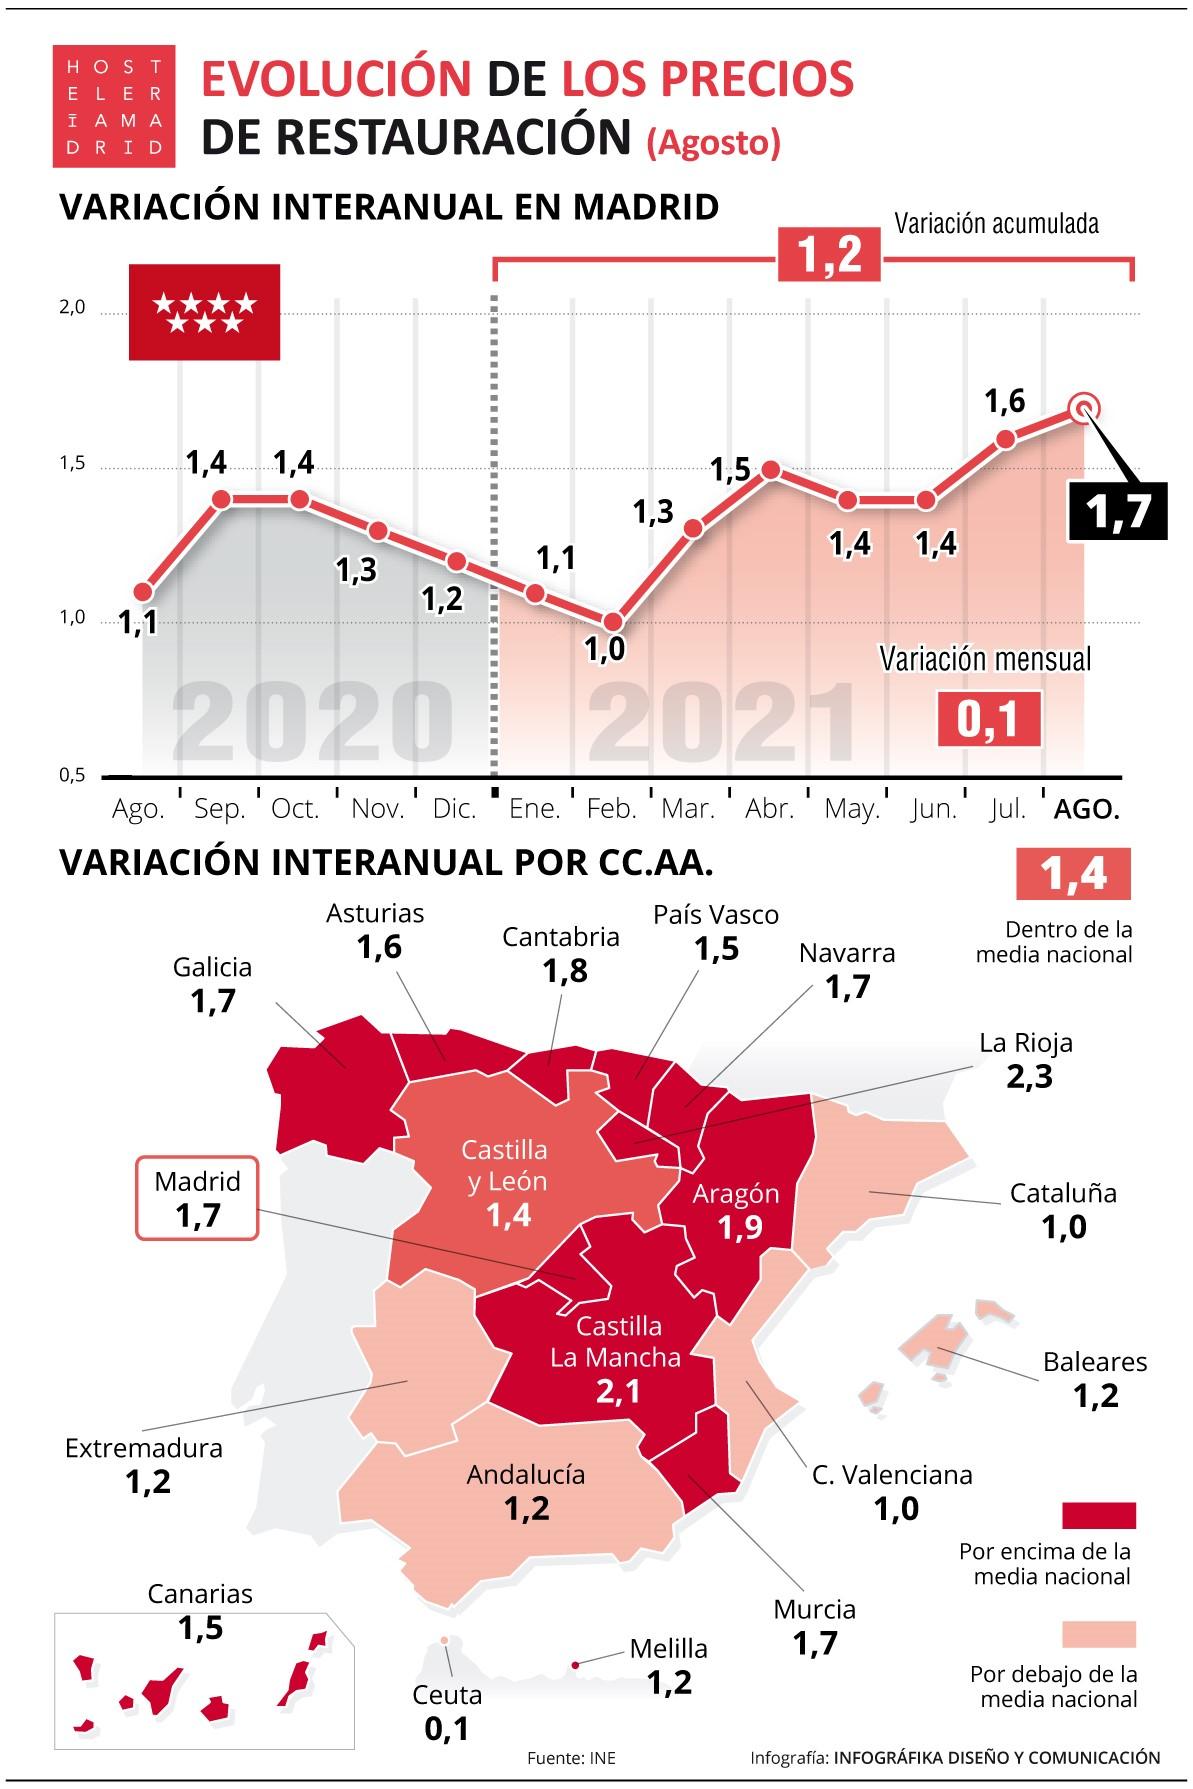 El IPC de restauración sube un 1,7% en agosto - La Viña